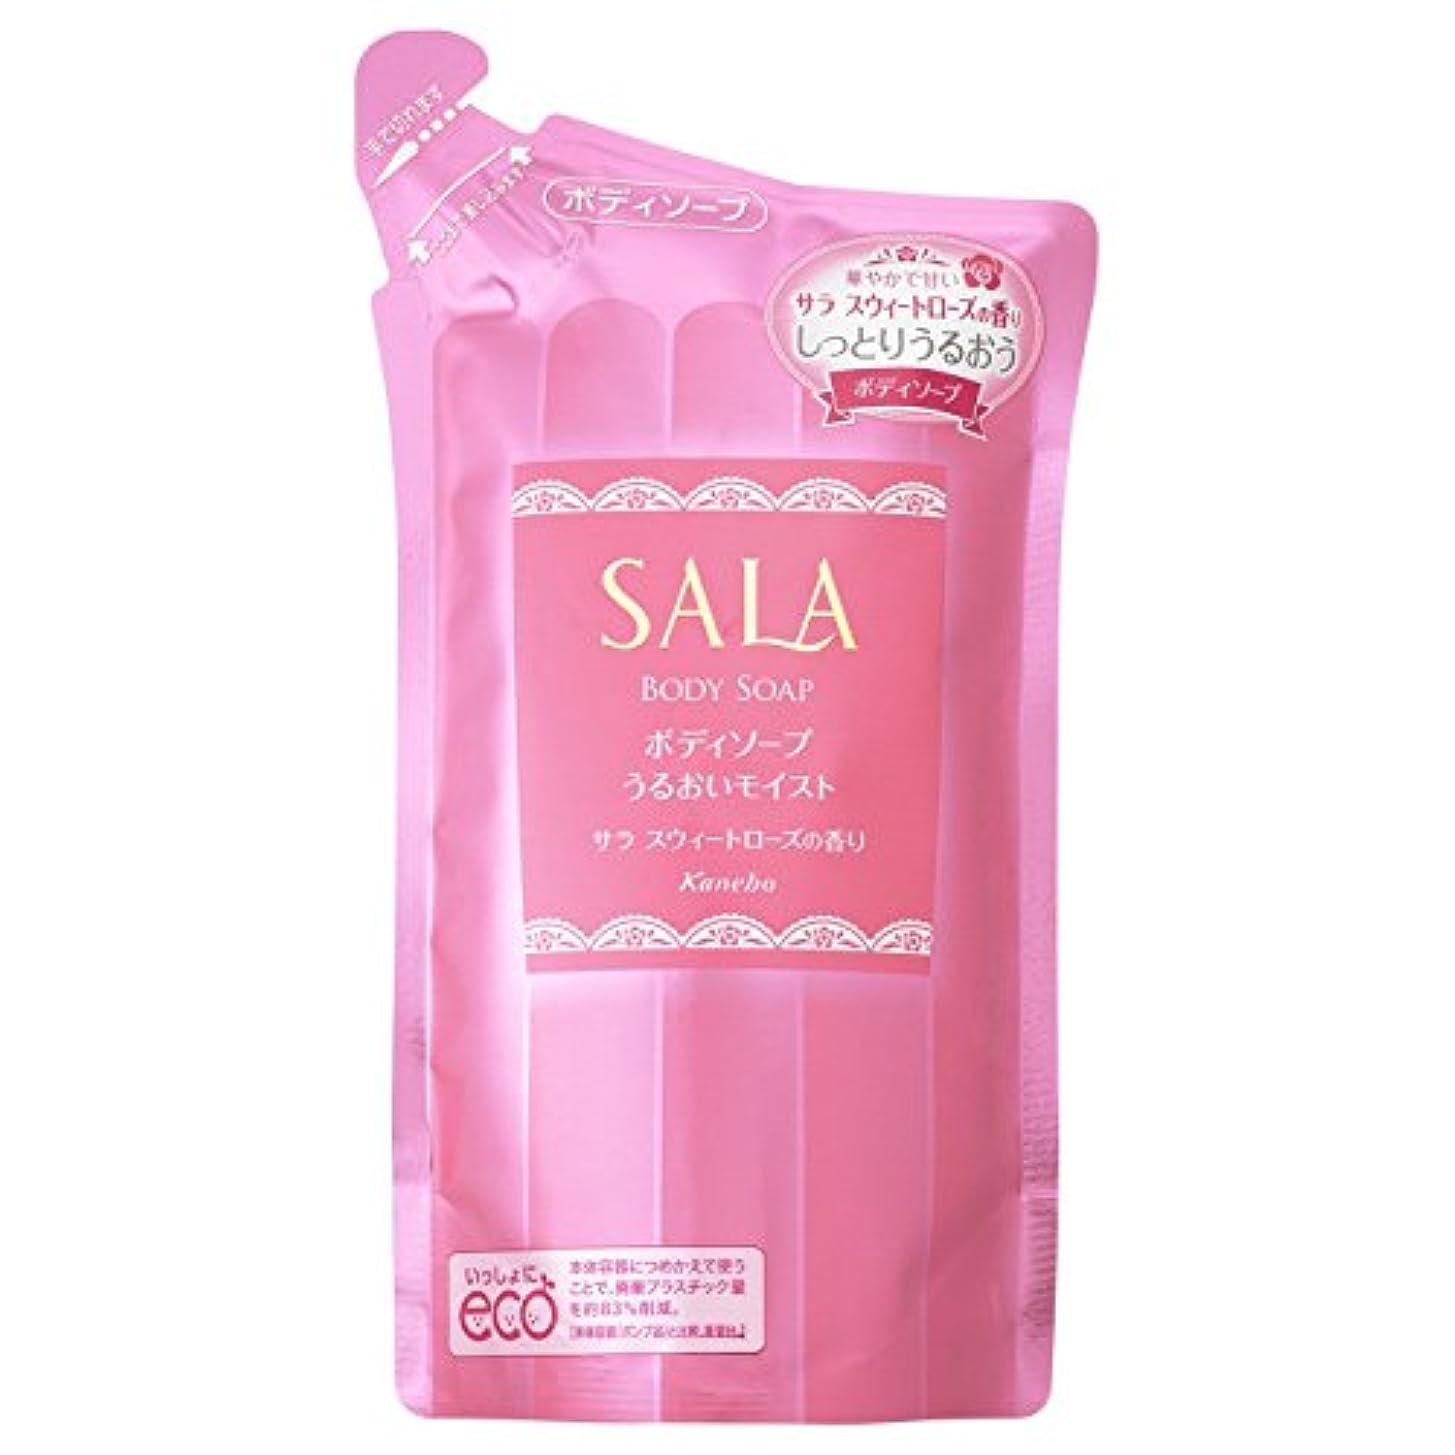 小切手かなりの似ているサラ ボディソープ うるおいモイスト つめかえ用 サラスウィートローズの香り